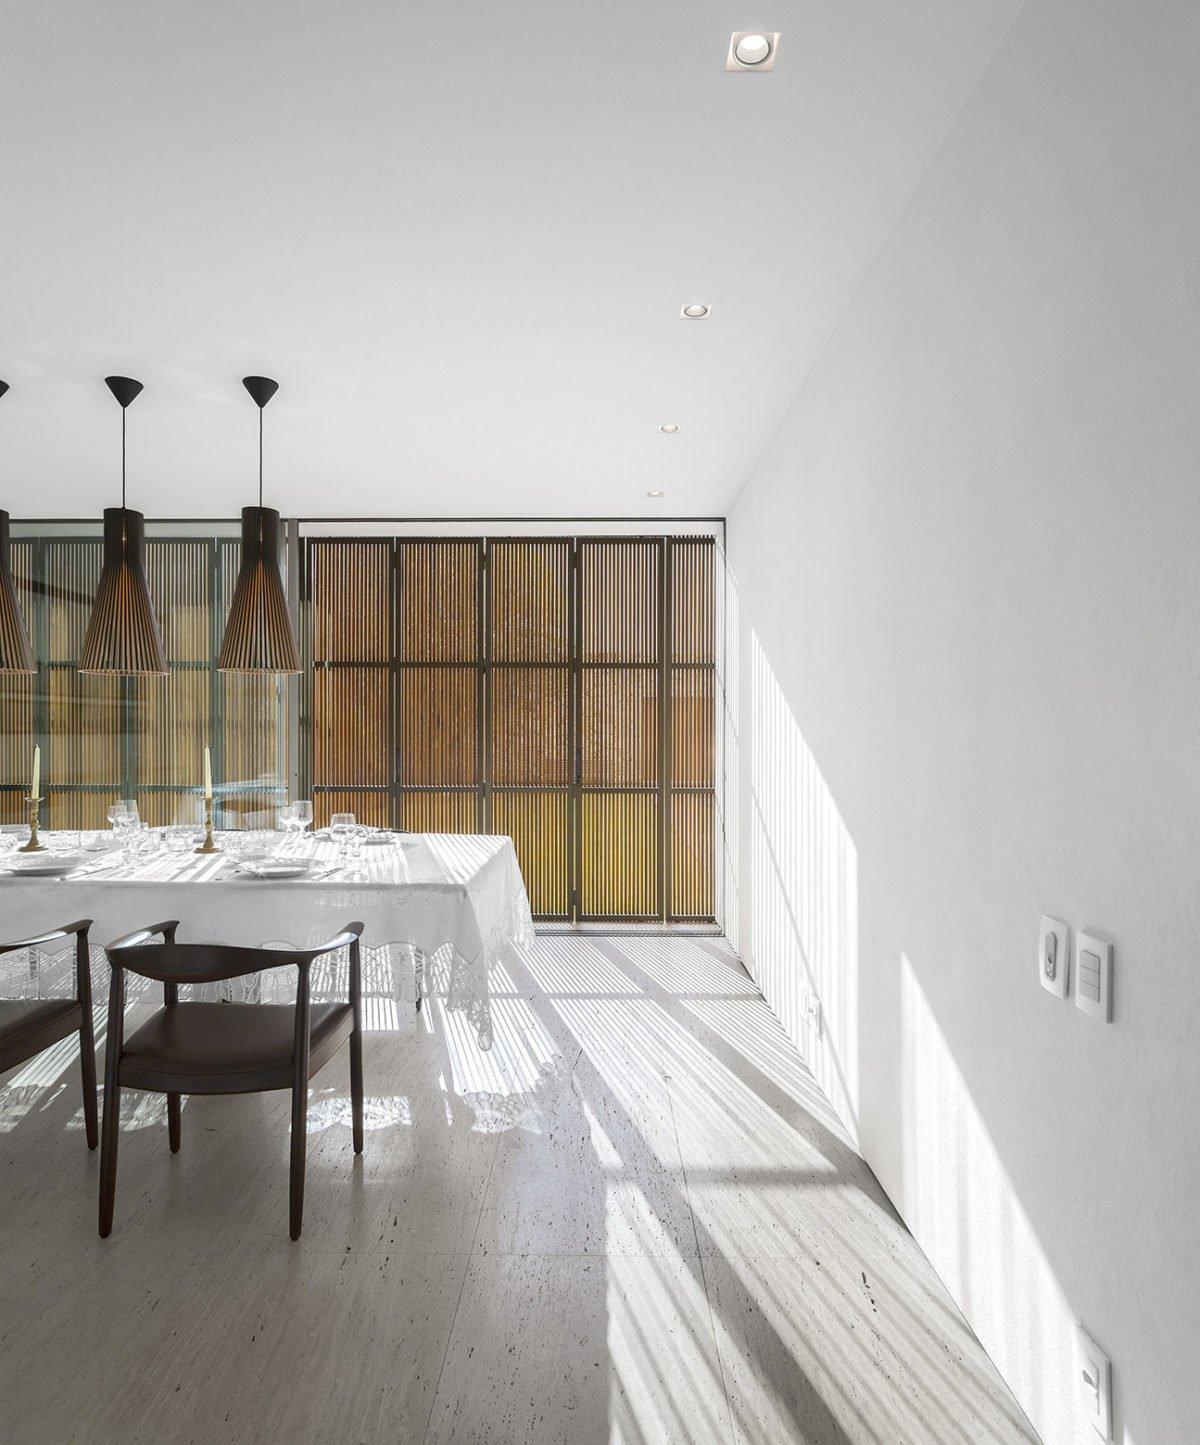 7Tetris House In São Paulo Brazil By Studiomk27 9 Ngôi nhà lấy ý tưởng từ trò chơi xếp hình TETRIS qpdesign